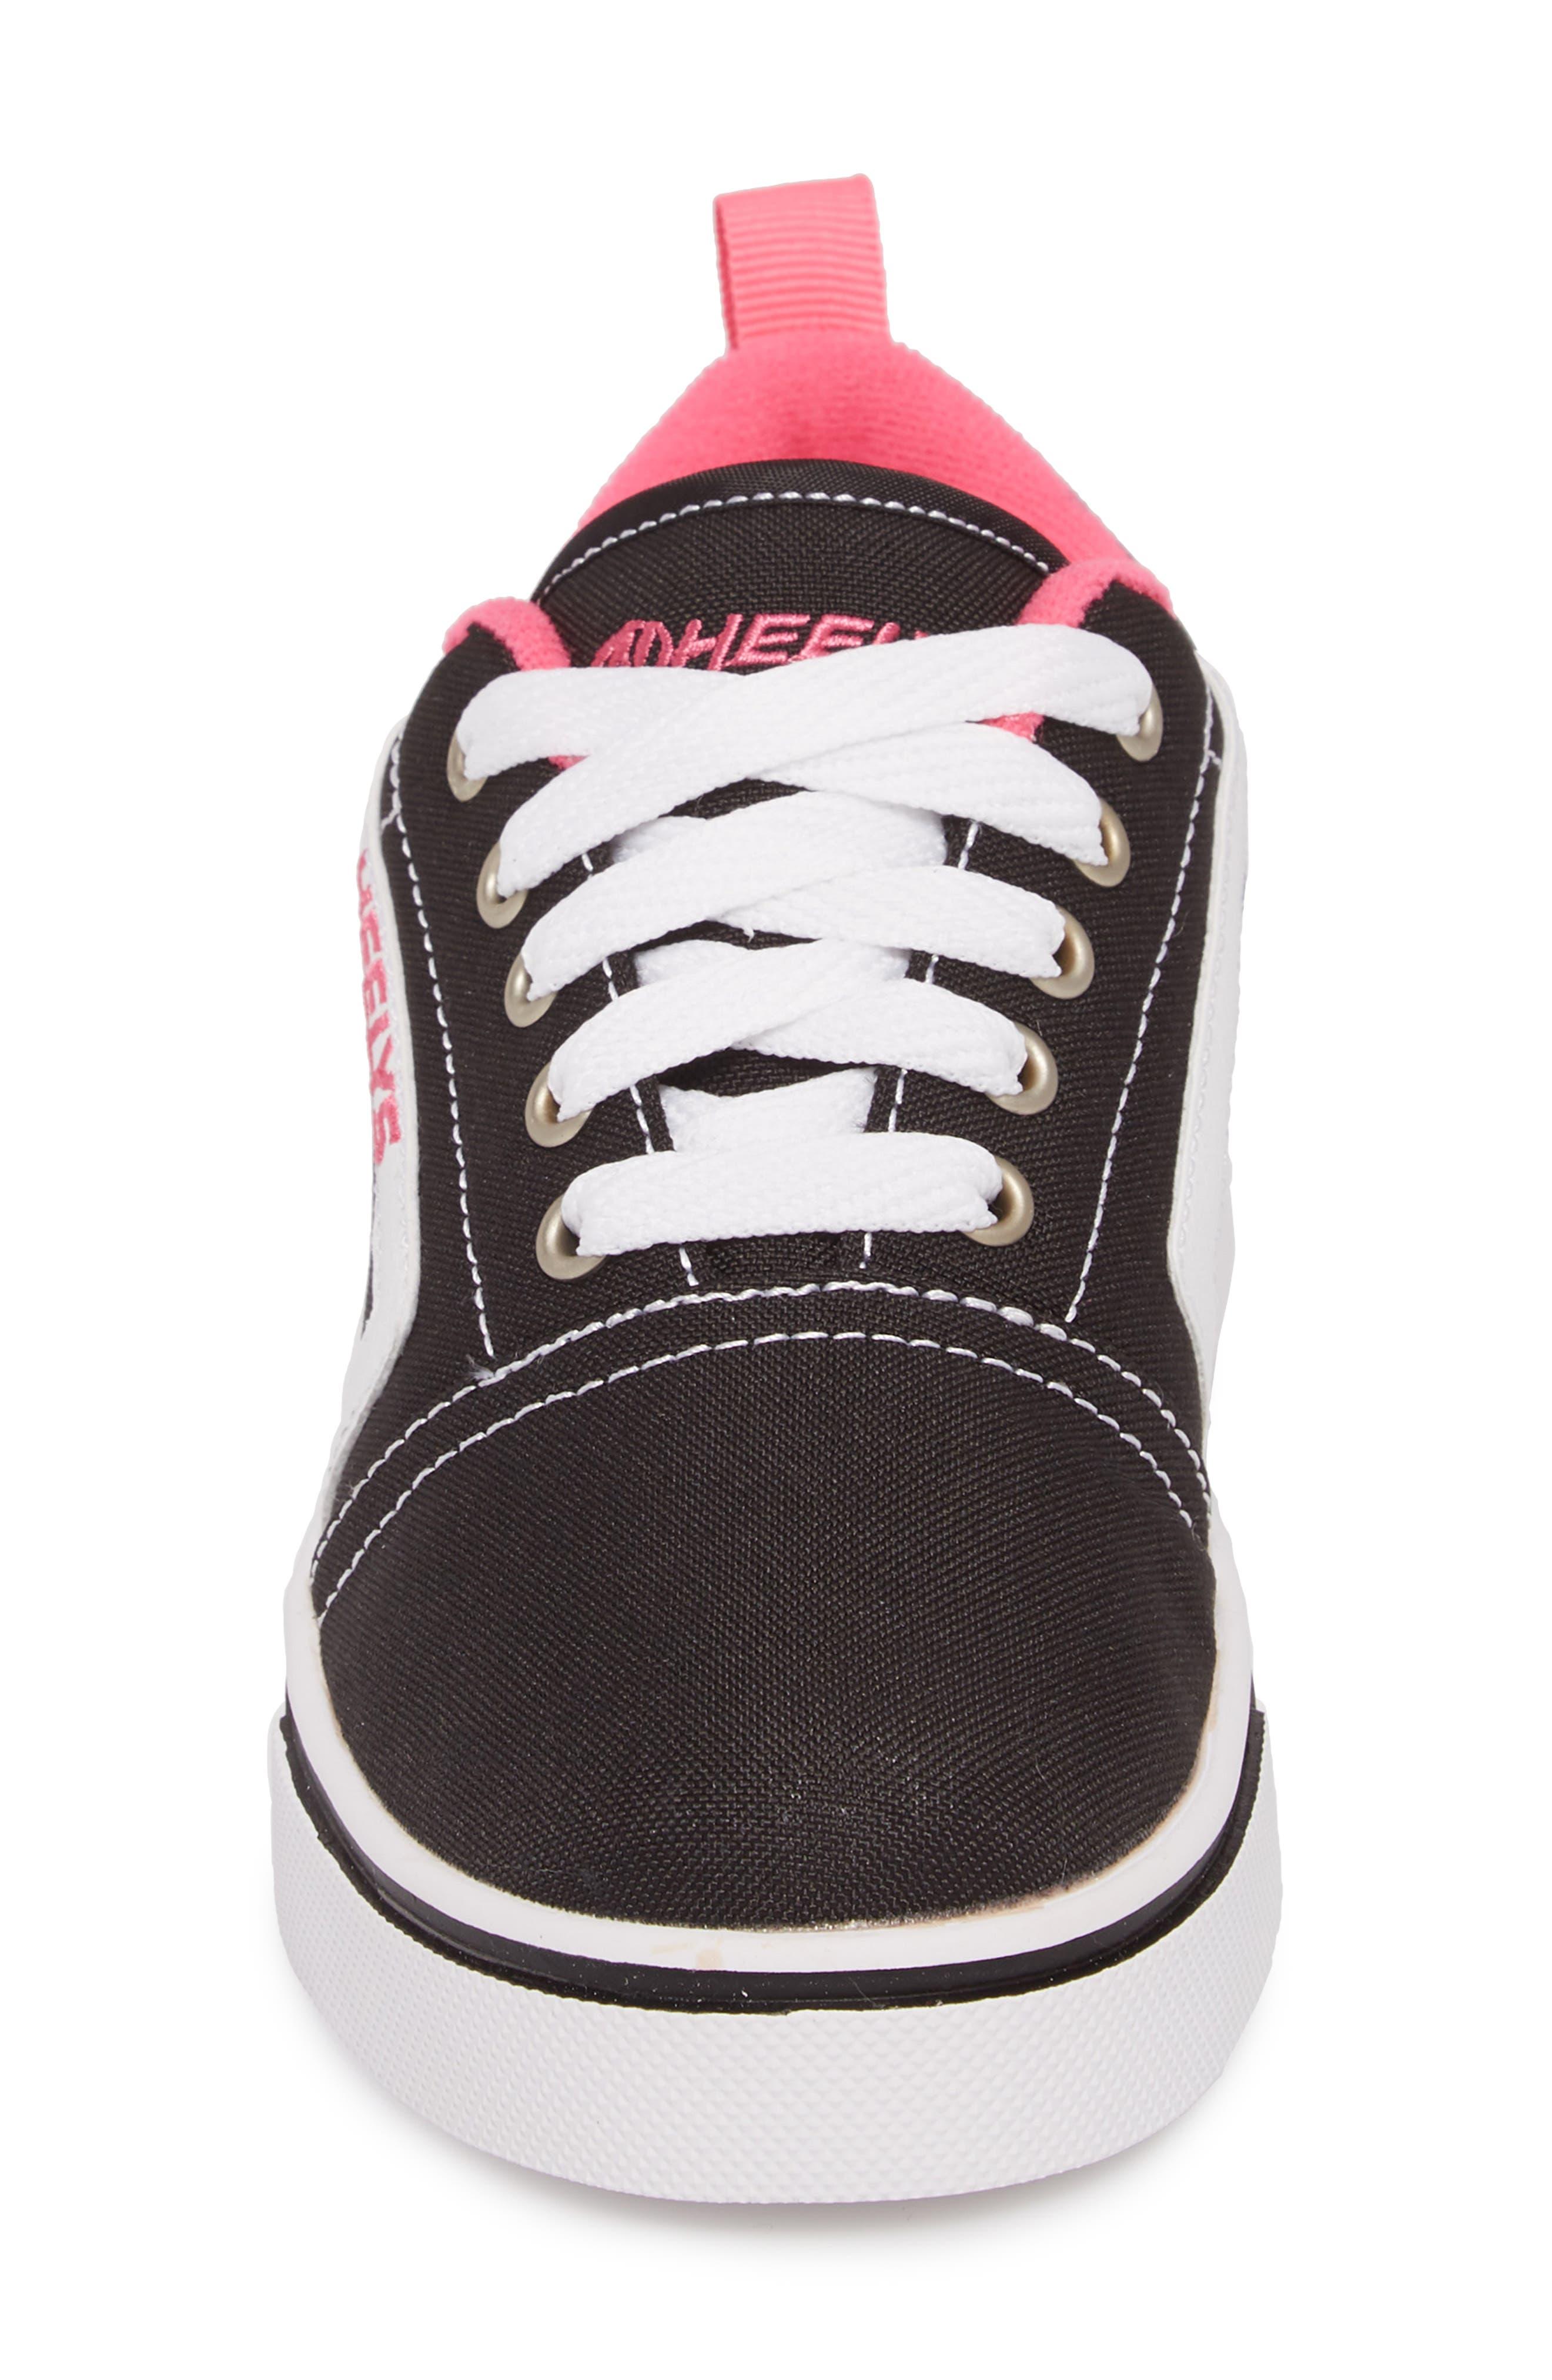 GR8 Pro Wheeled Sneaker,                             Alternate thumbnail 4, color,                             002